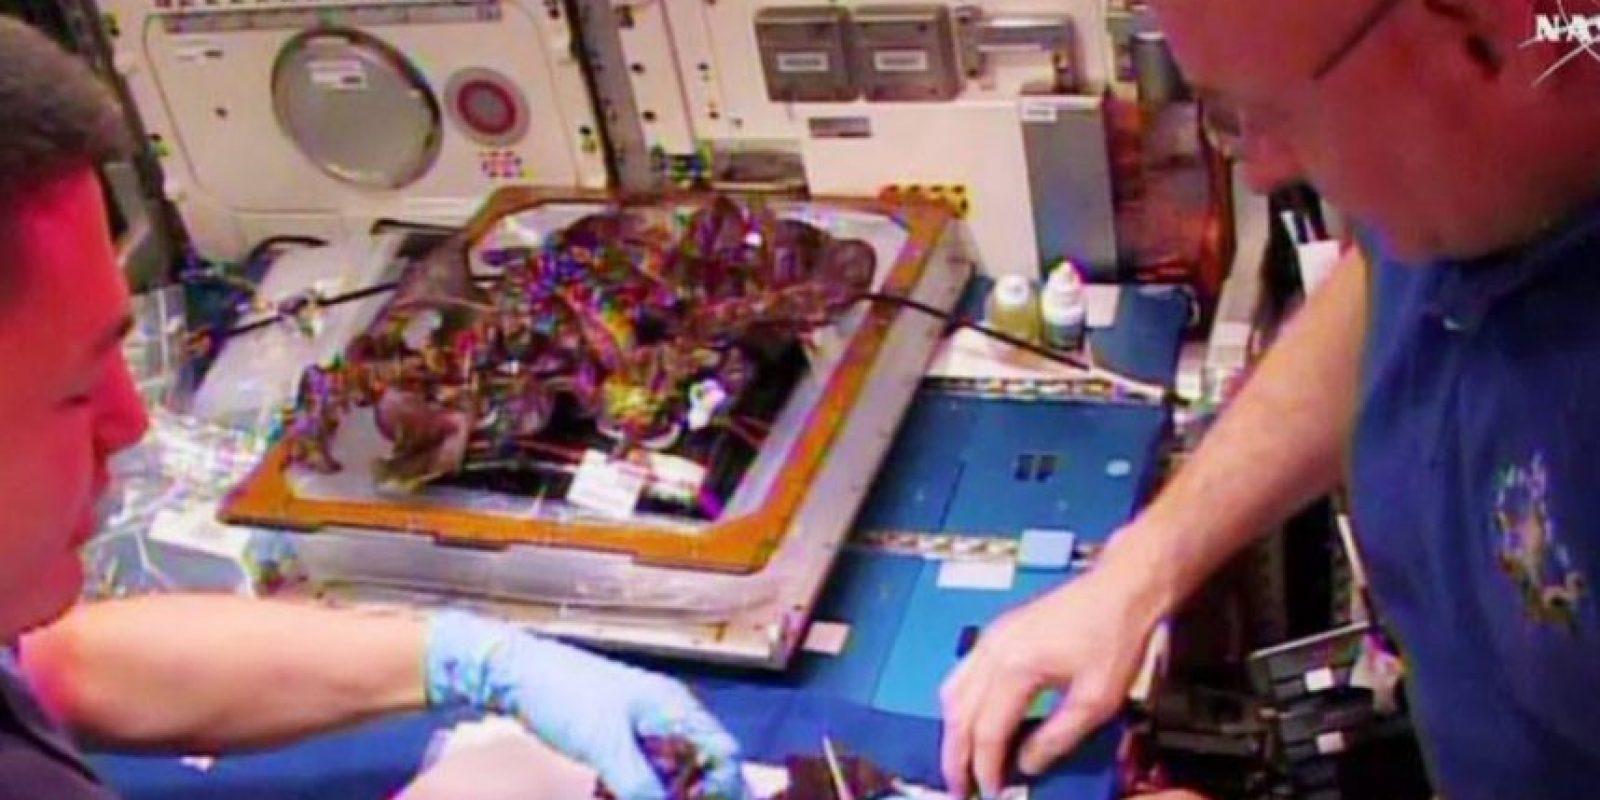 """""""No se detectaron problemas cuando analizamos el primer lote cultivado el año pasado. Como precaución, los astronautas desinfectaron la lechuga antes de comerla (nunca olviden lavar sus verduras en el fregadero antes de comerlas)"""". Foto:Facebook.com/NASA"""